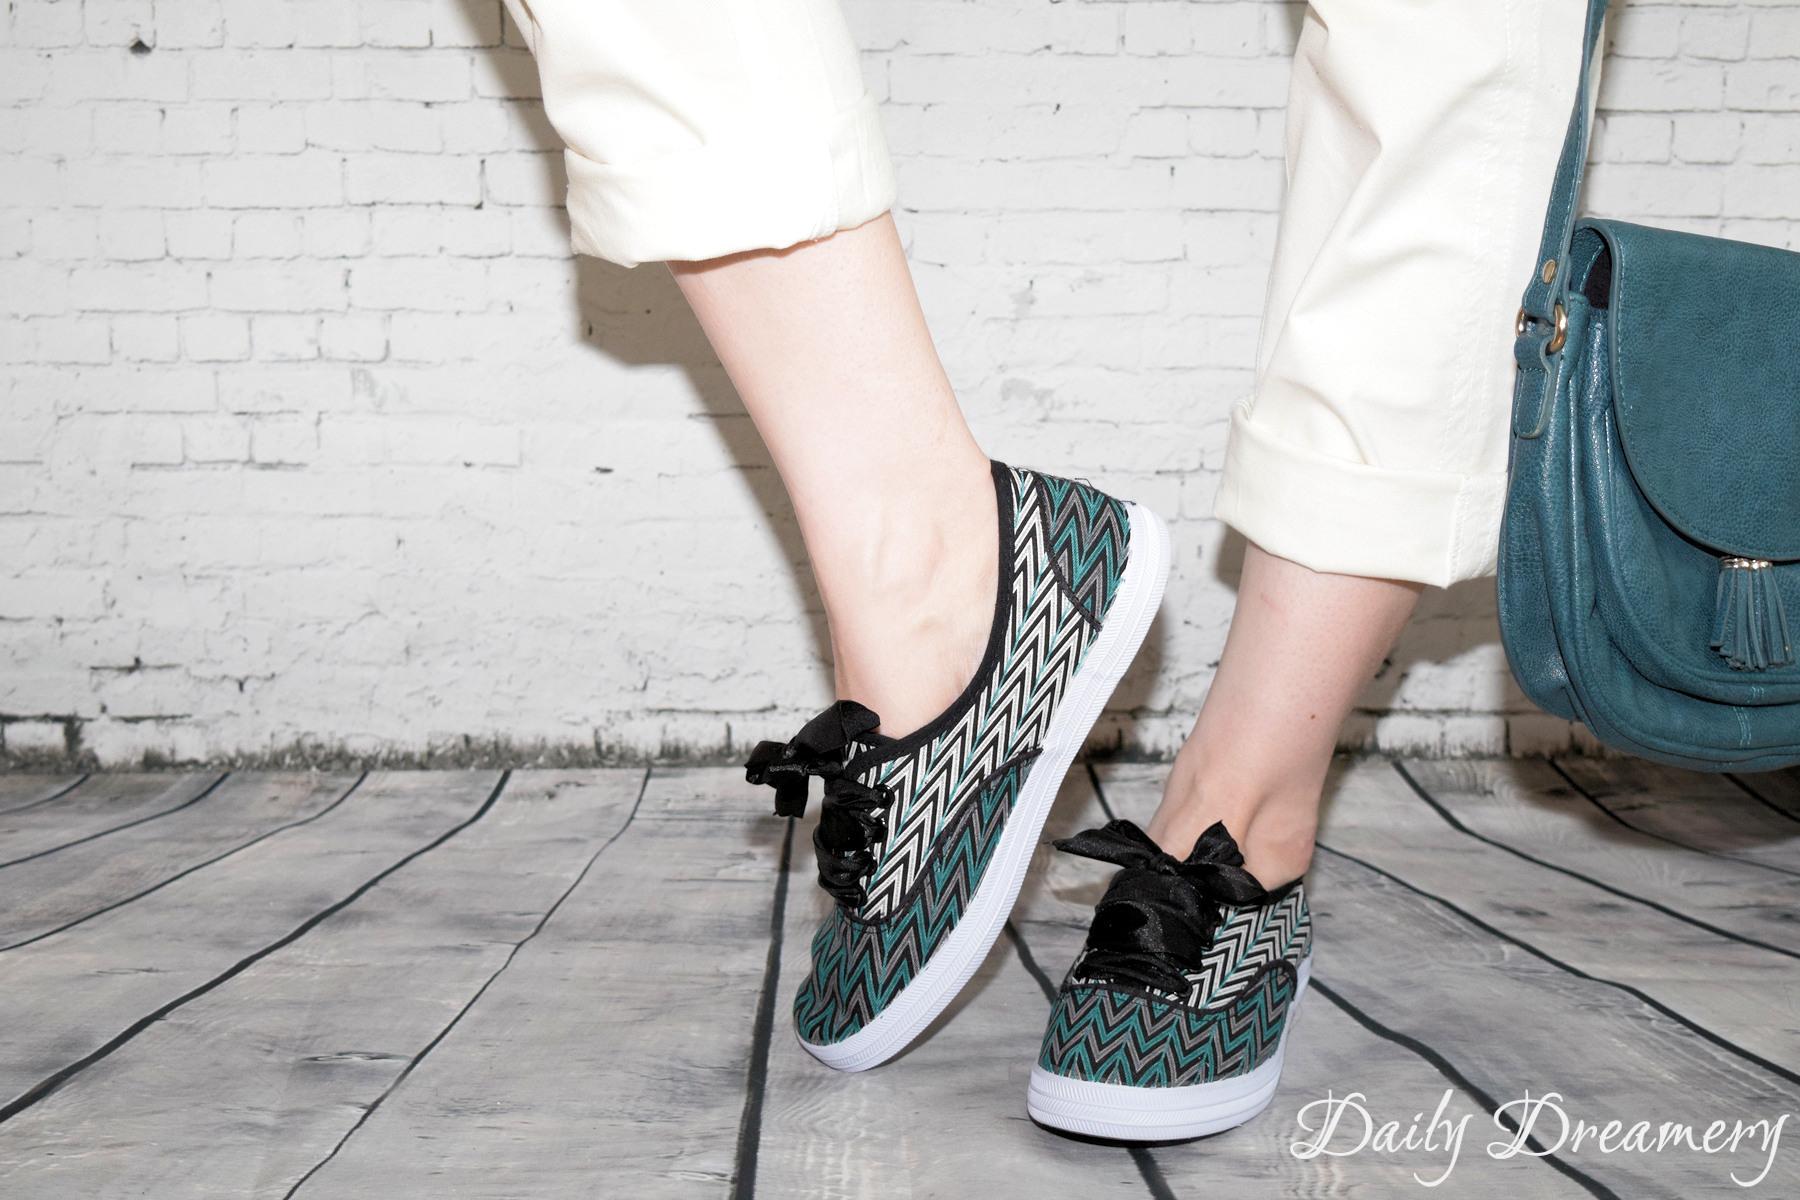 Stylische Stoff-Sneaker - einfach mit Sharpies bemalen